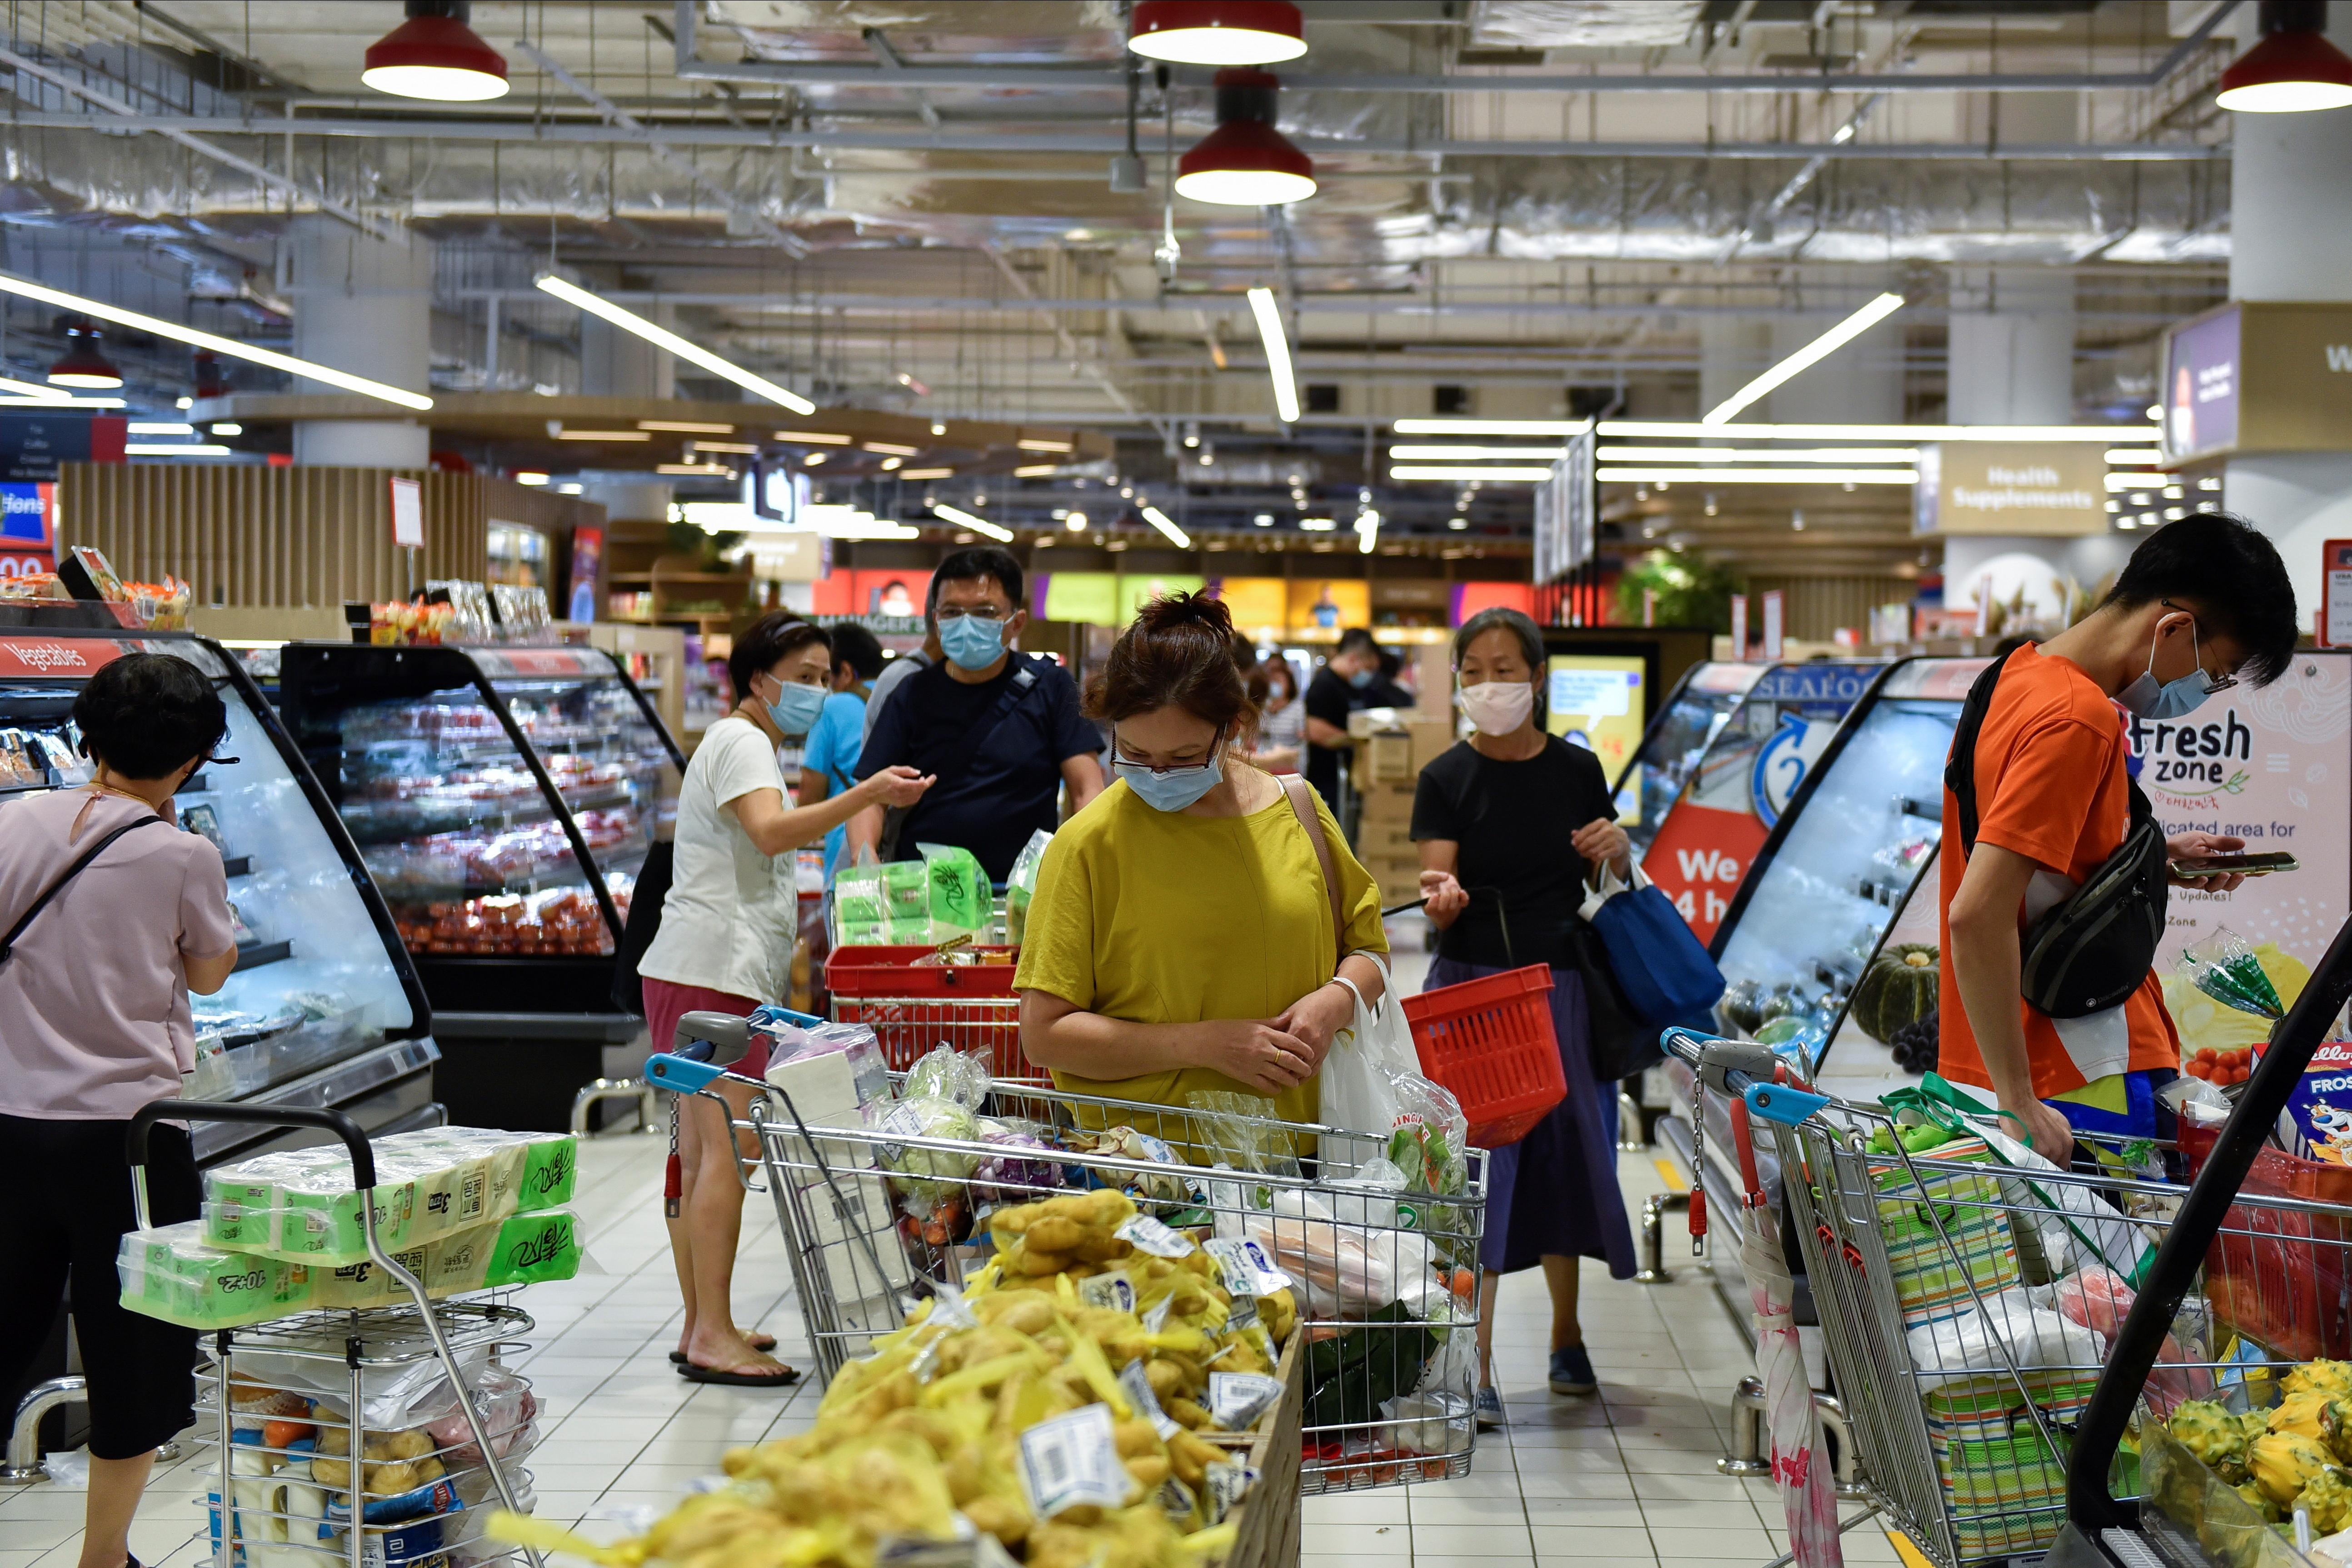 ▲▼新加坡近期本土疫情反撲,民眾前往超市採買必要物資。(圖/路透社)